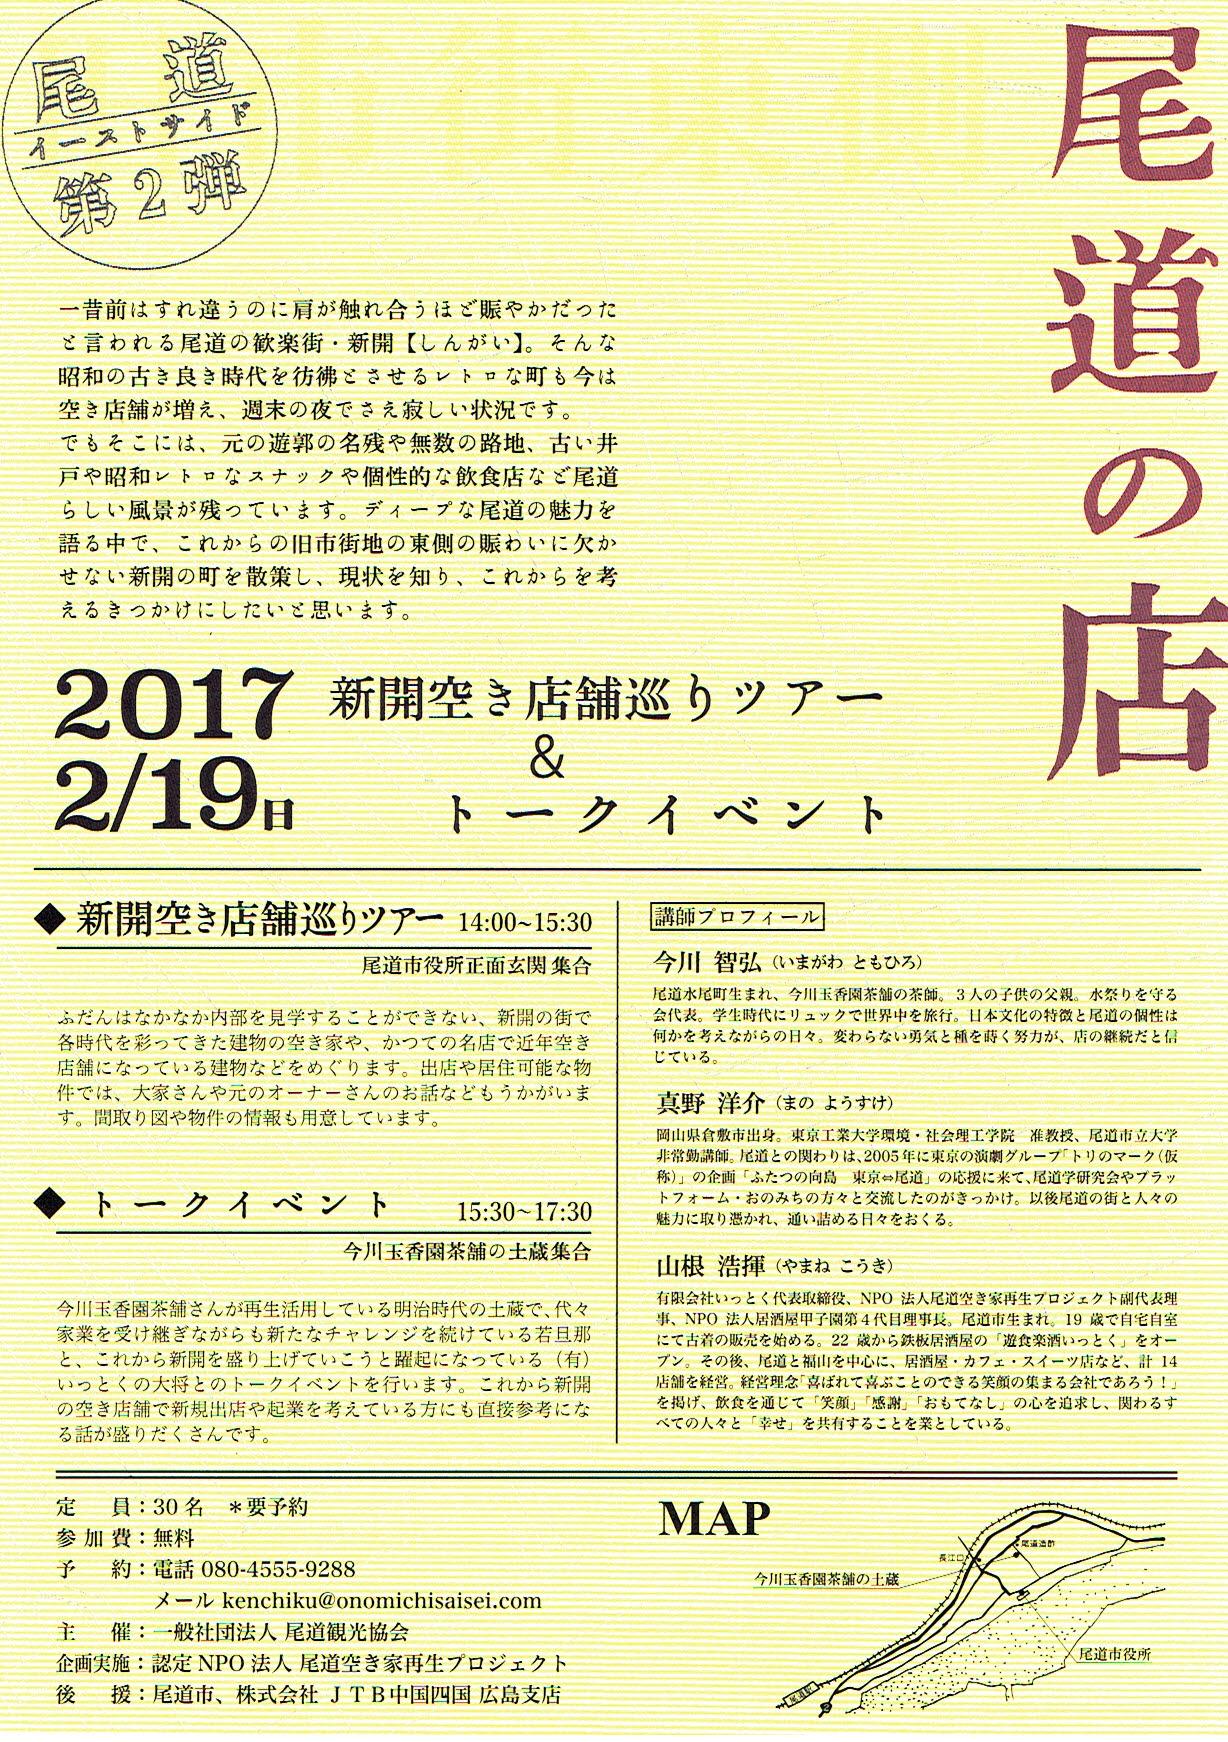 20170131-cci20170131_0003.jpg